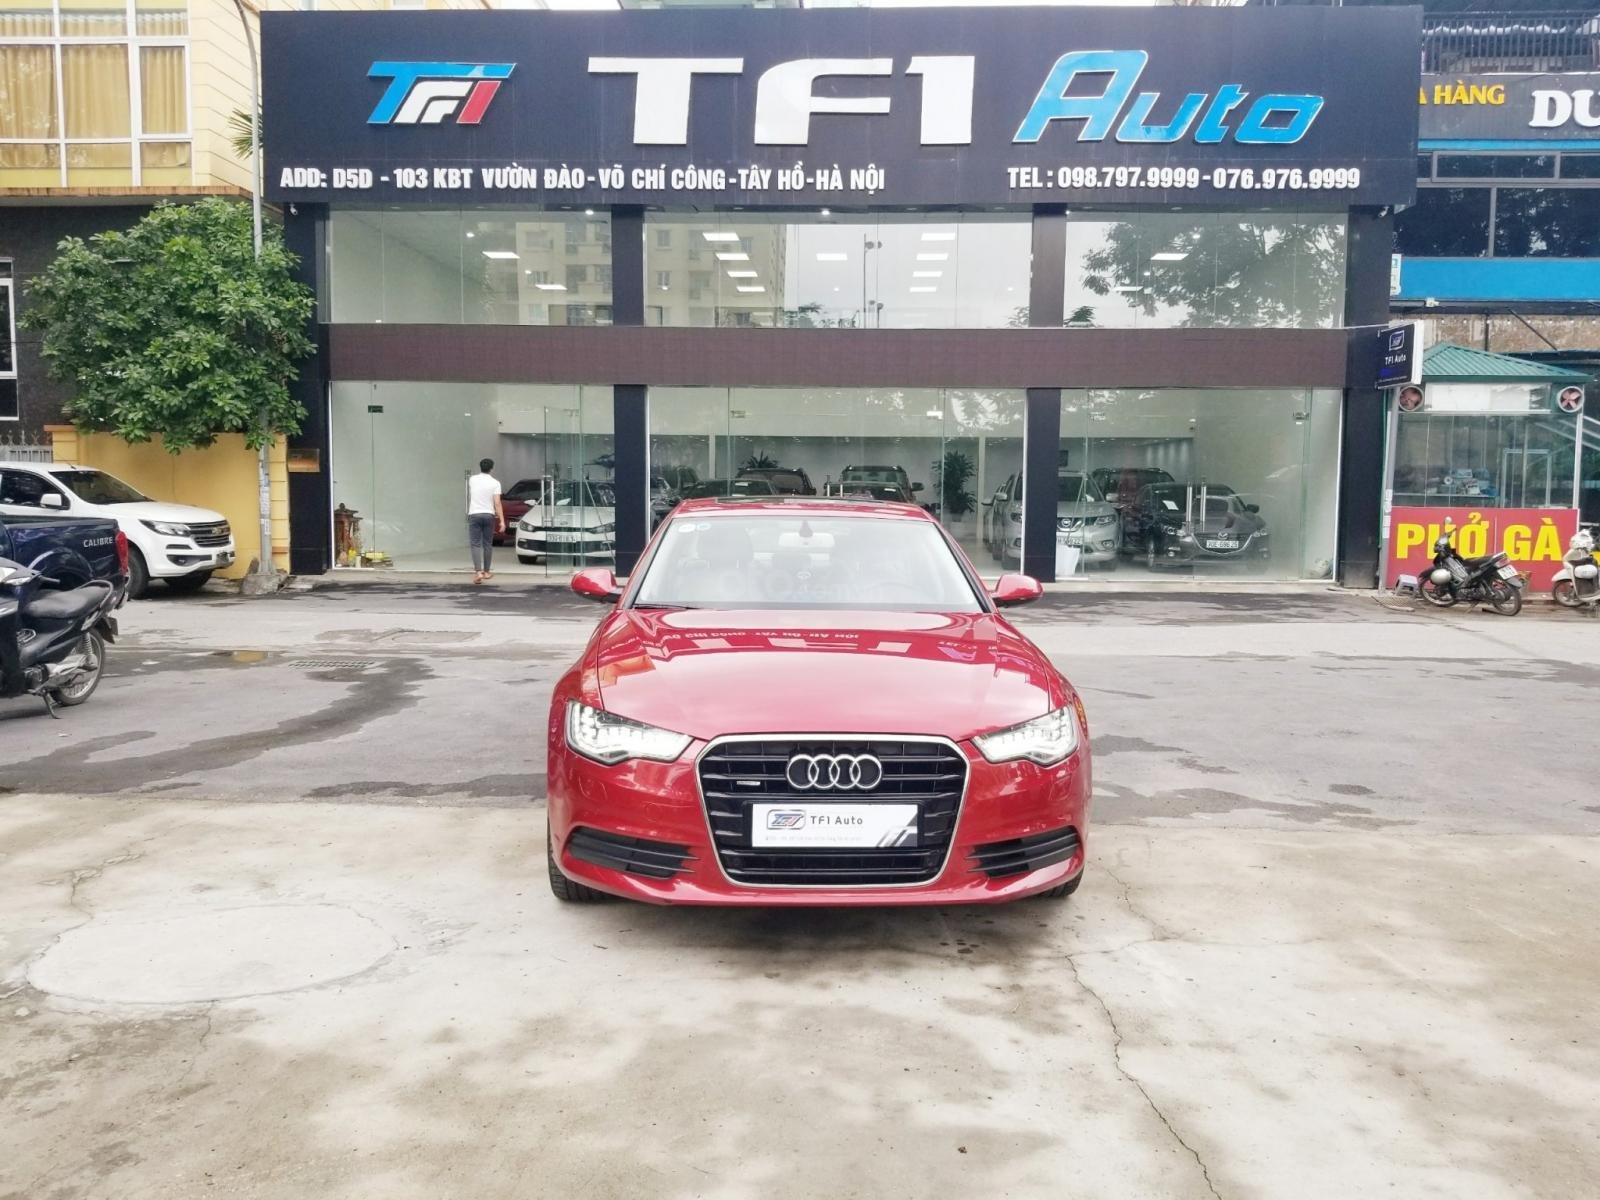 Bán Audi A6 3.0L sản xuất 2014, đăng ký 2015, màu đỏ (6)